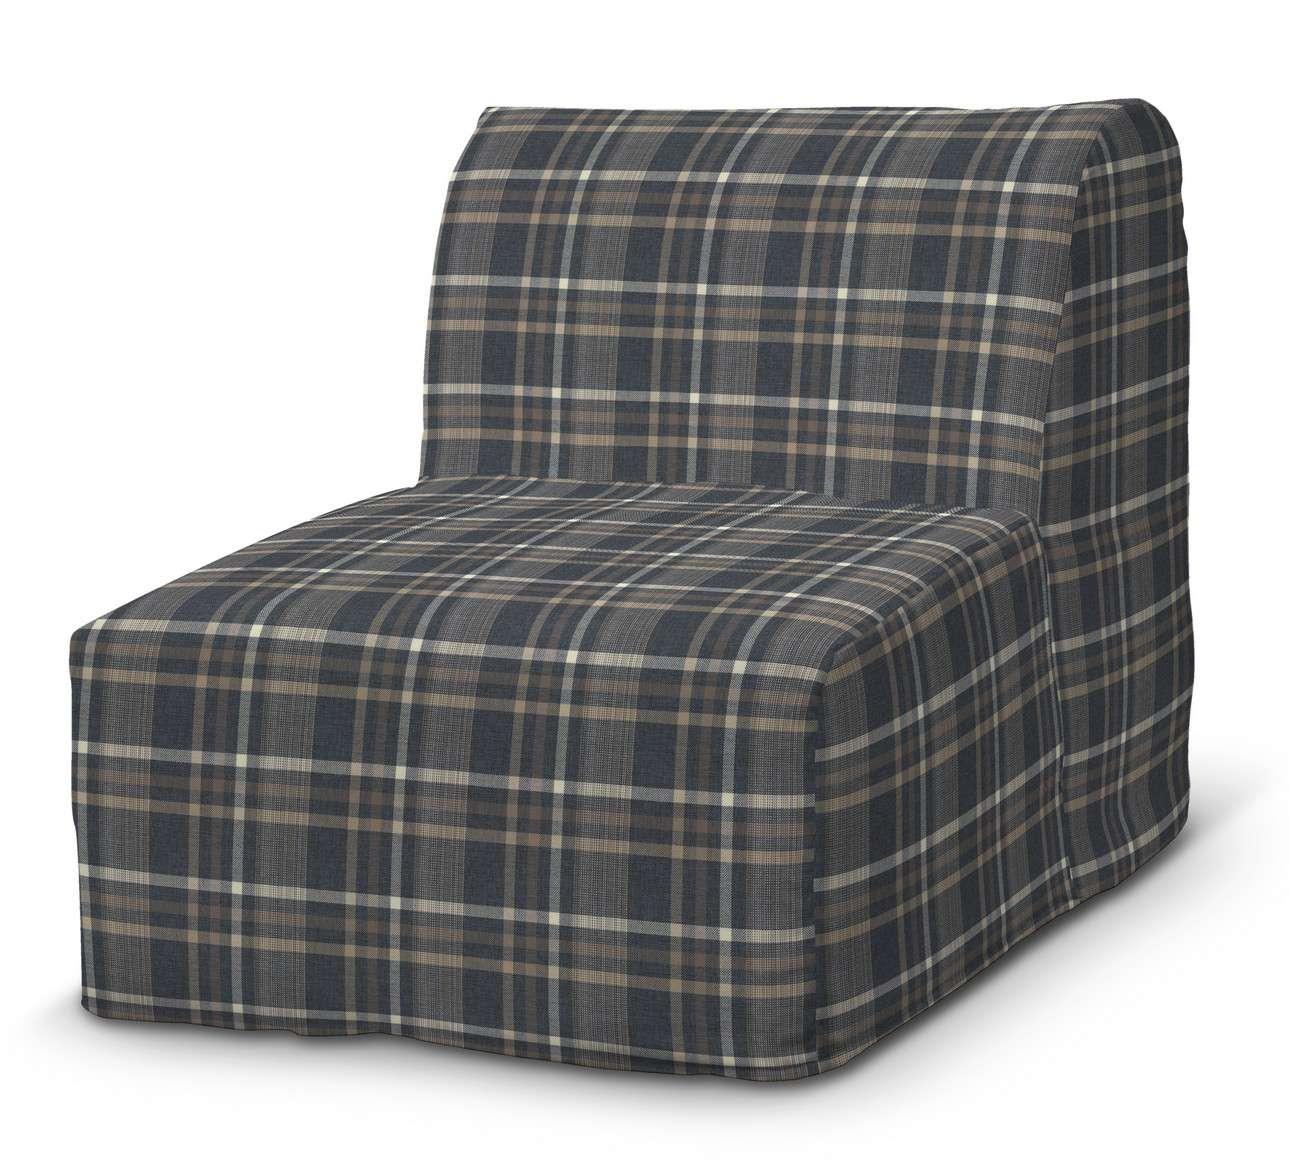 Pokrowiec na fotel Lycksele prosty w kolekcji Edinburgh, tkanina: 703-16